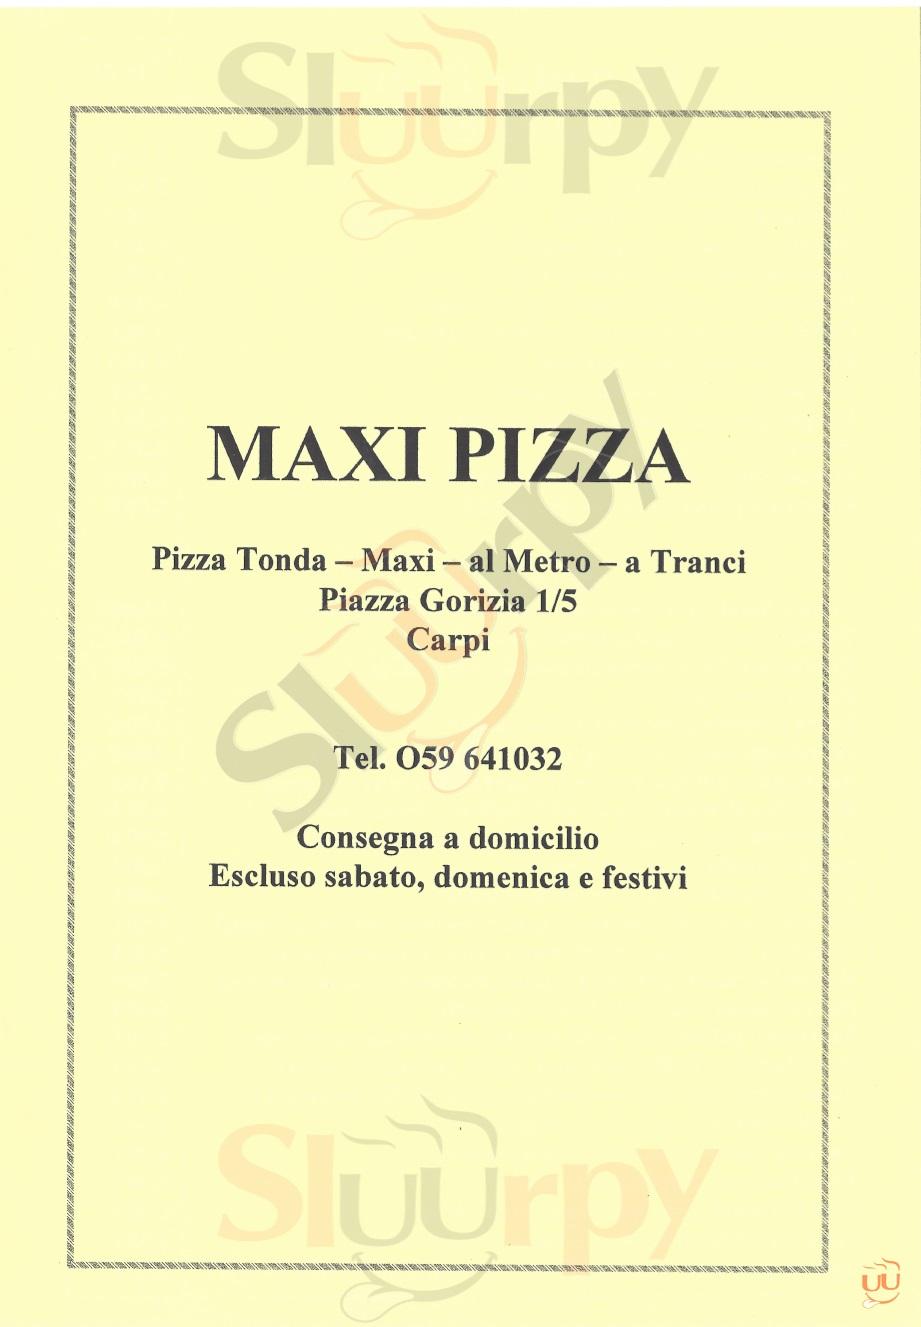 MAXI PIZZA Carpi menù 1 pagina